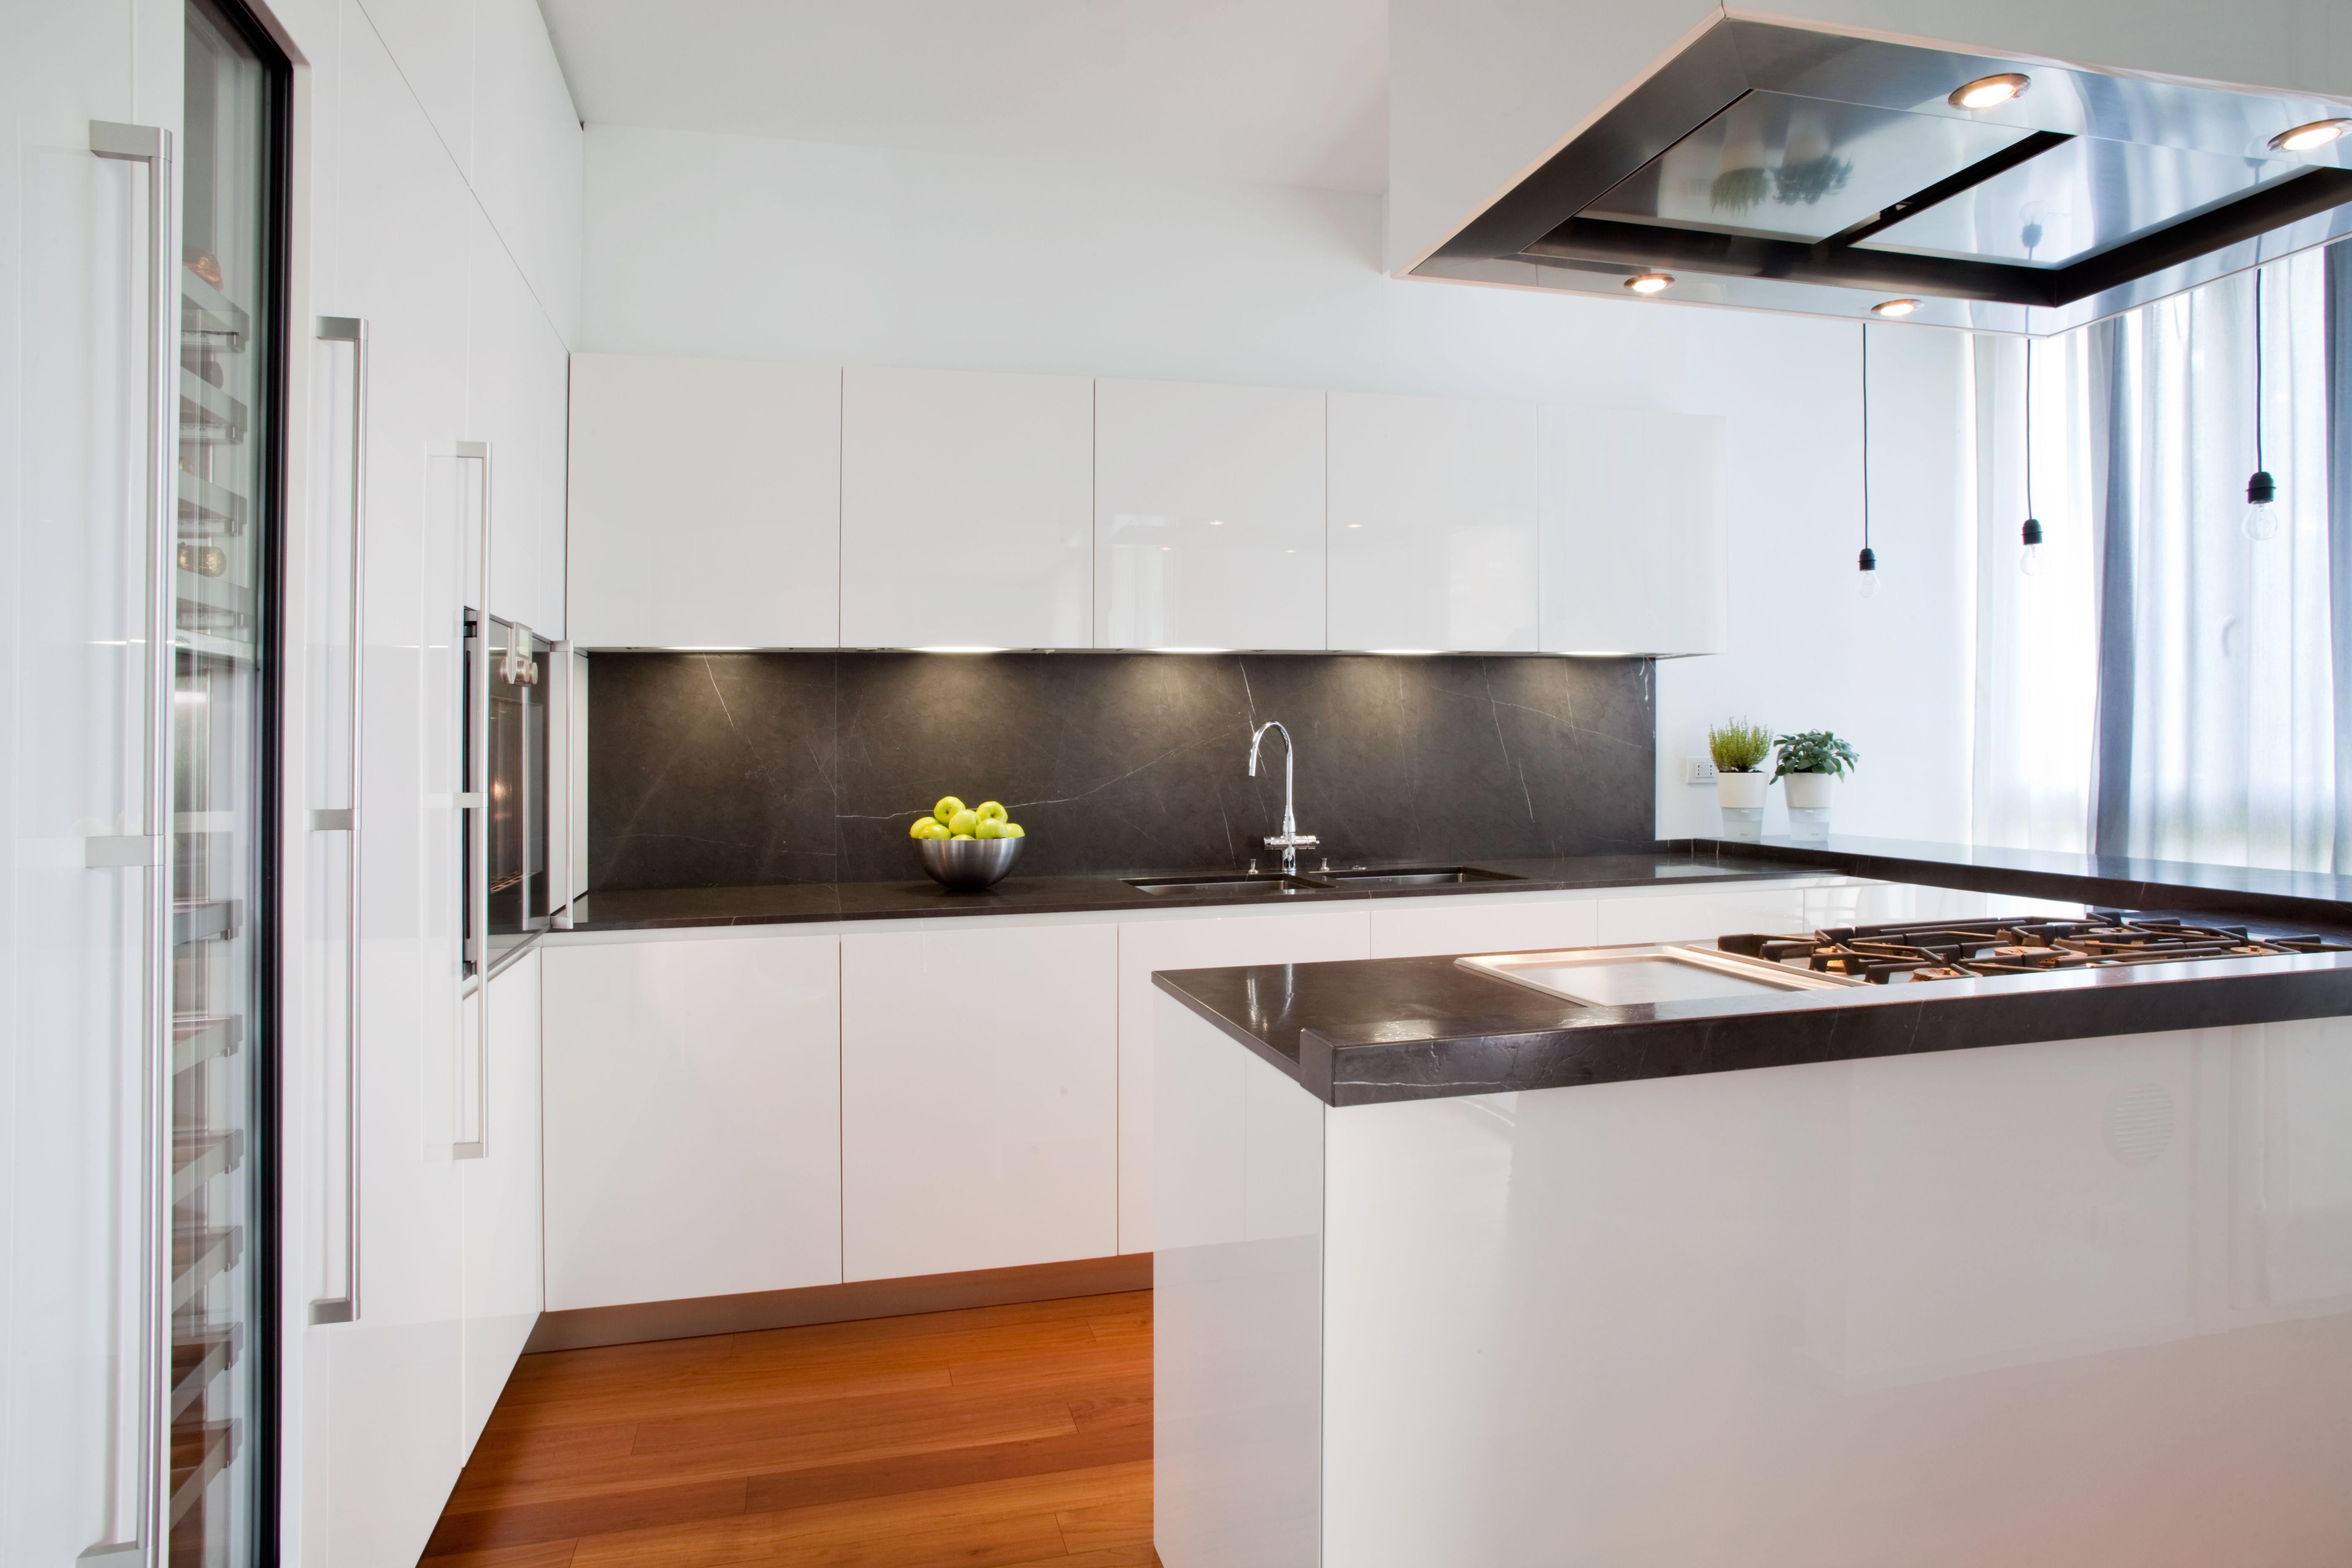 Cucina laccata lucida bianca con piano in stone grey ed - Cucina laccata bianca ...